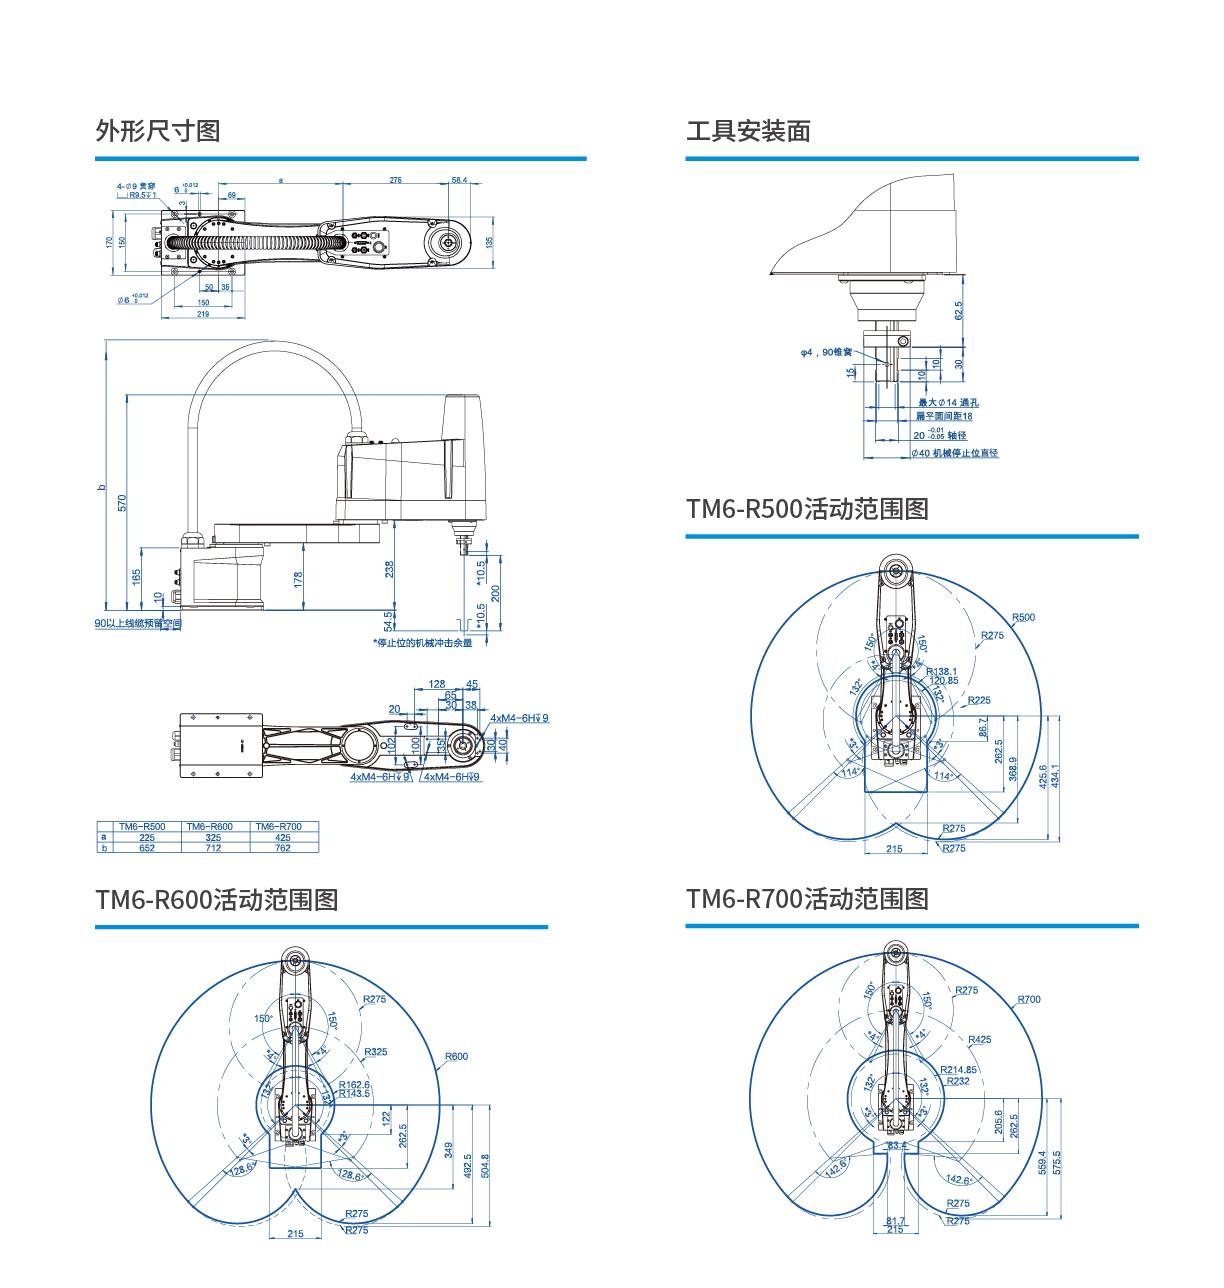 灵猴 TM6-R500R600R700  SCARA机器人